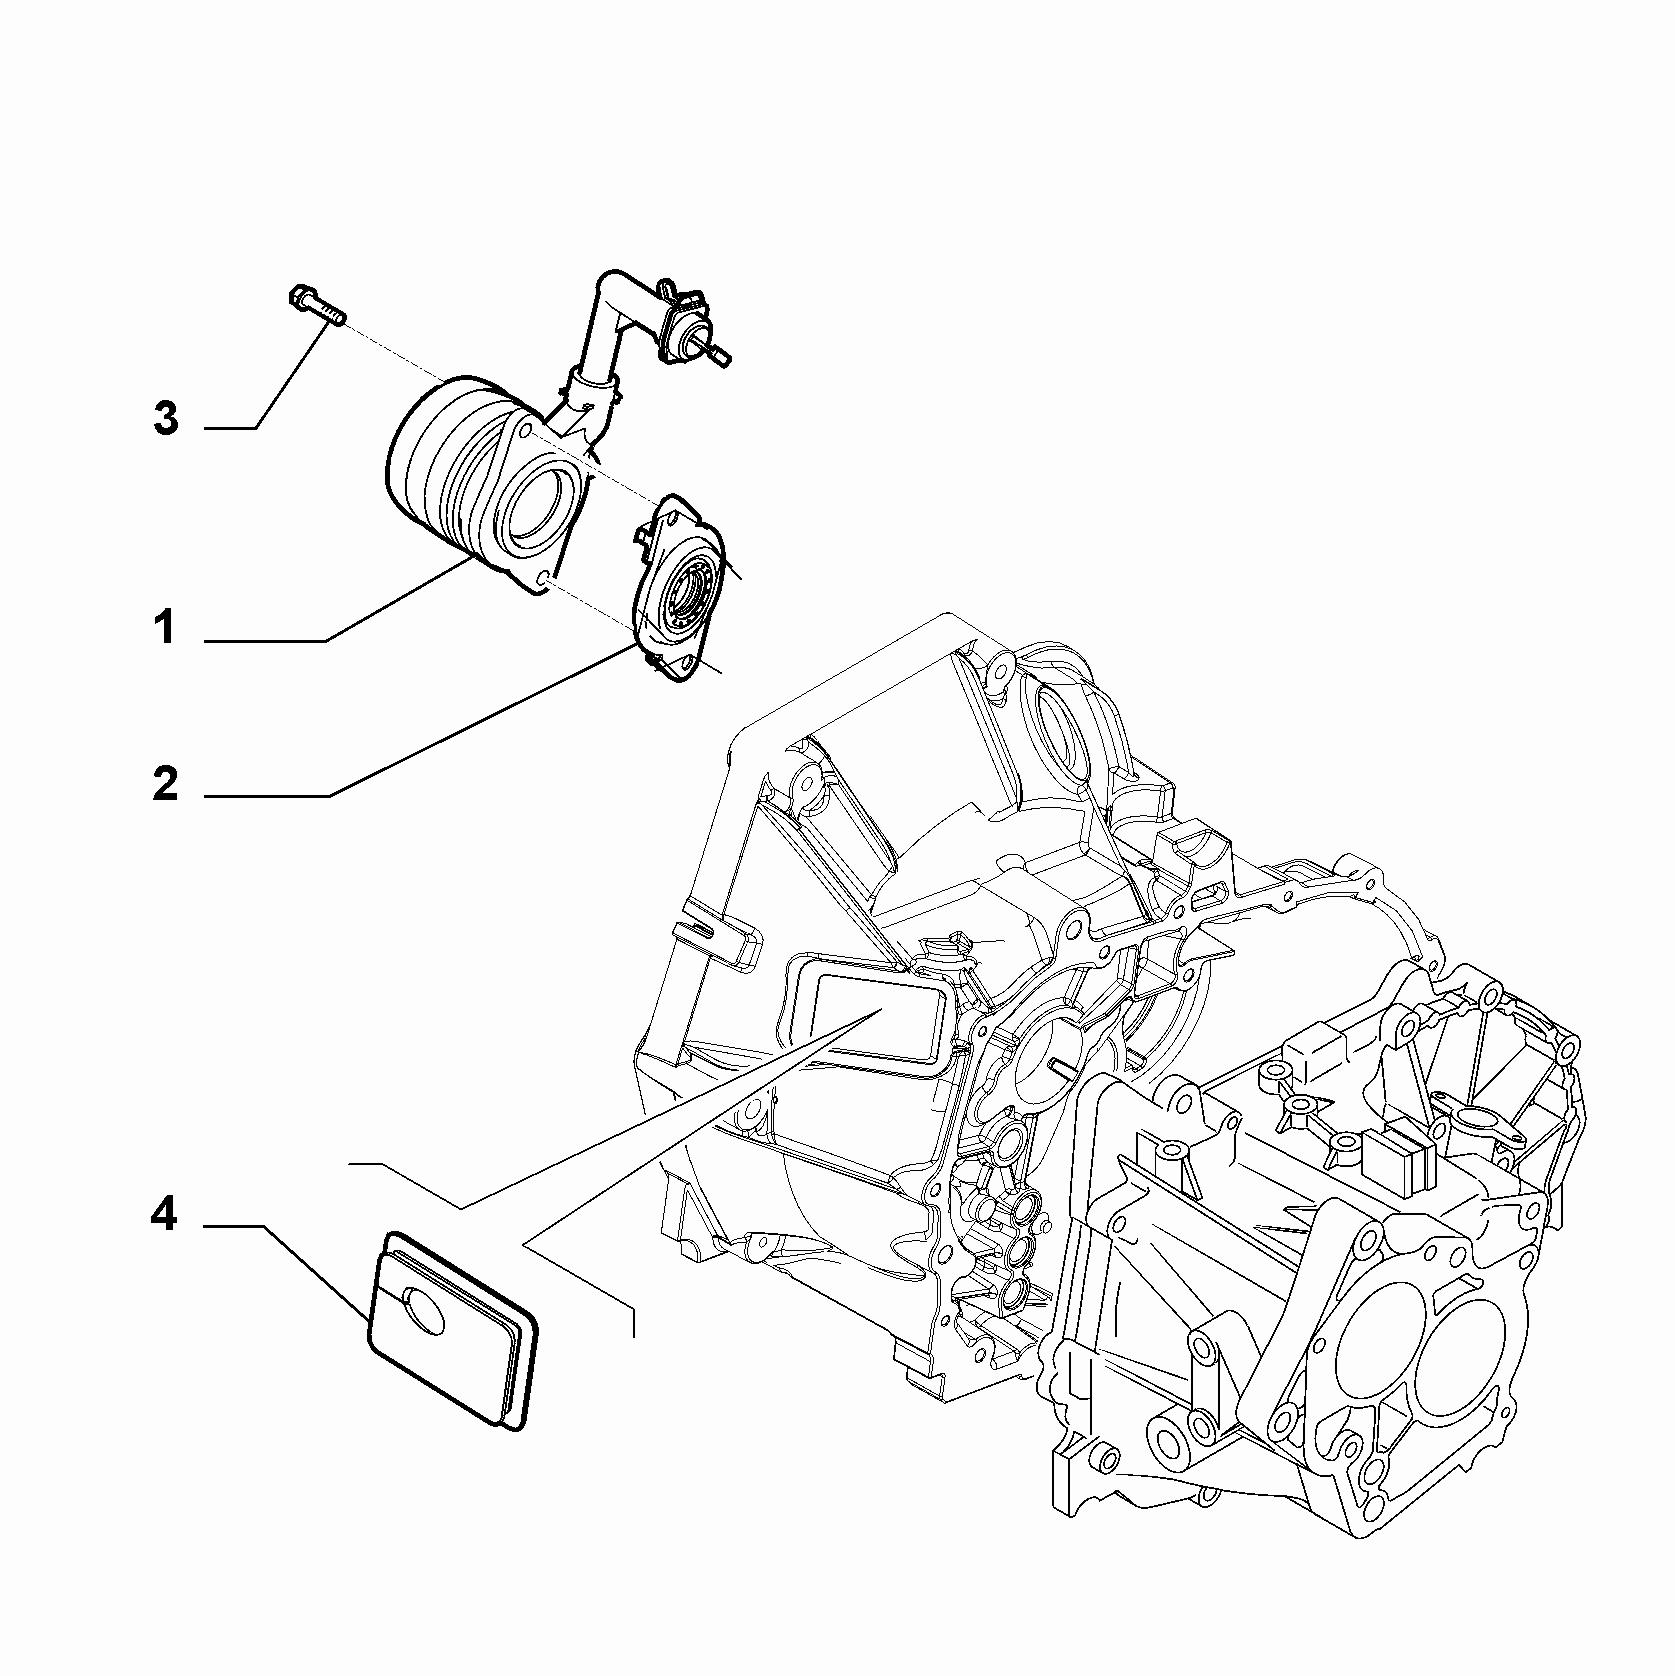 21207-040 HYDRAULIC ACTUATOR CLUTCH RELEASE